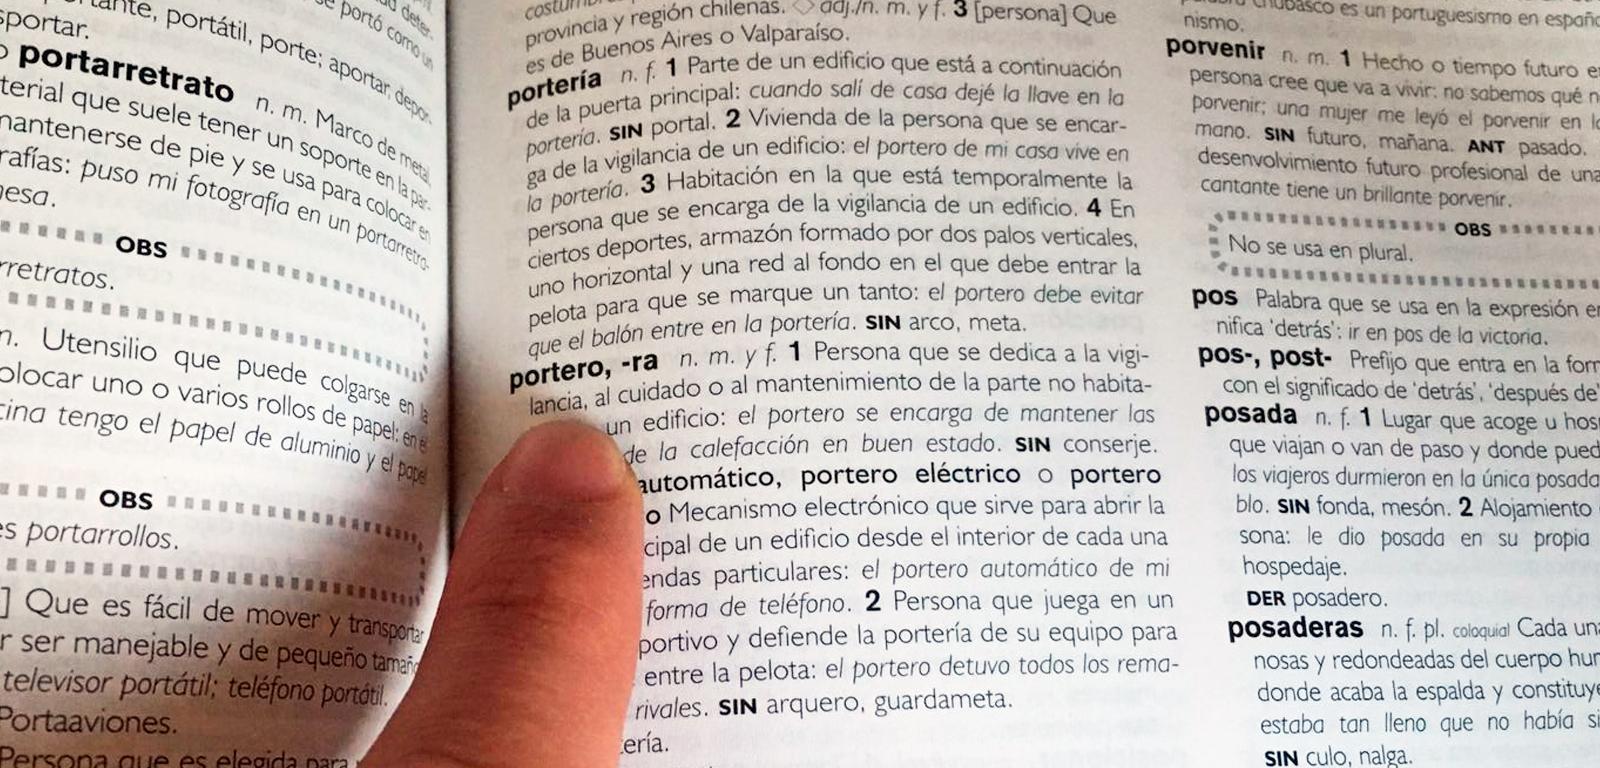 La definición de portero en el diccionario / PDF